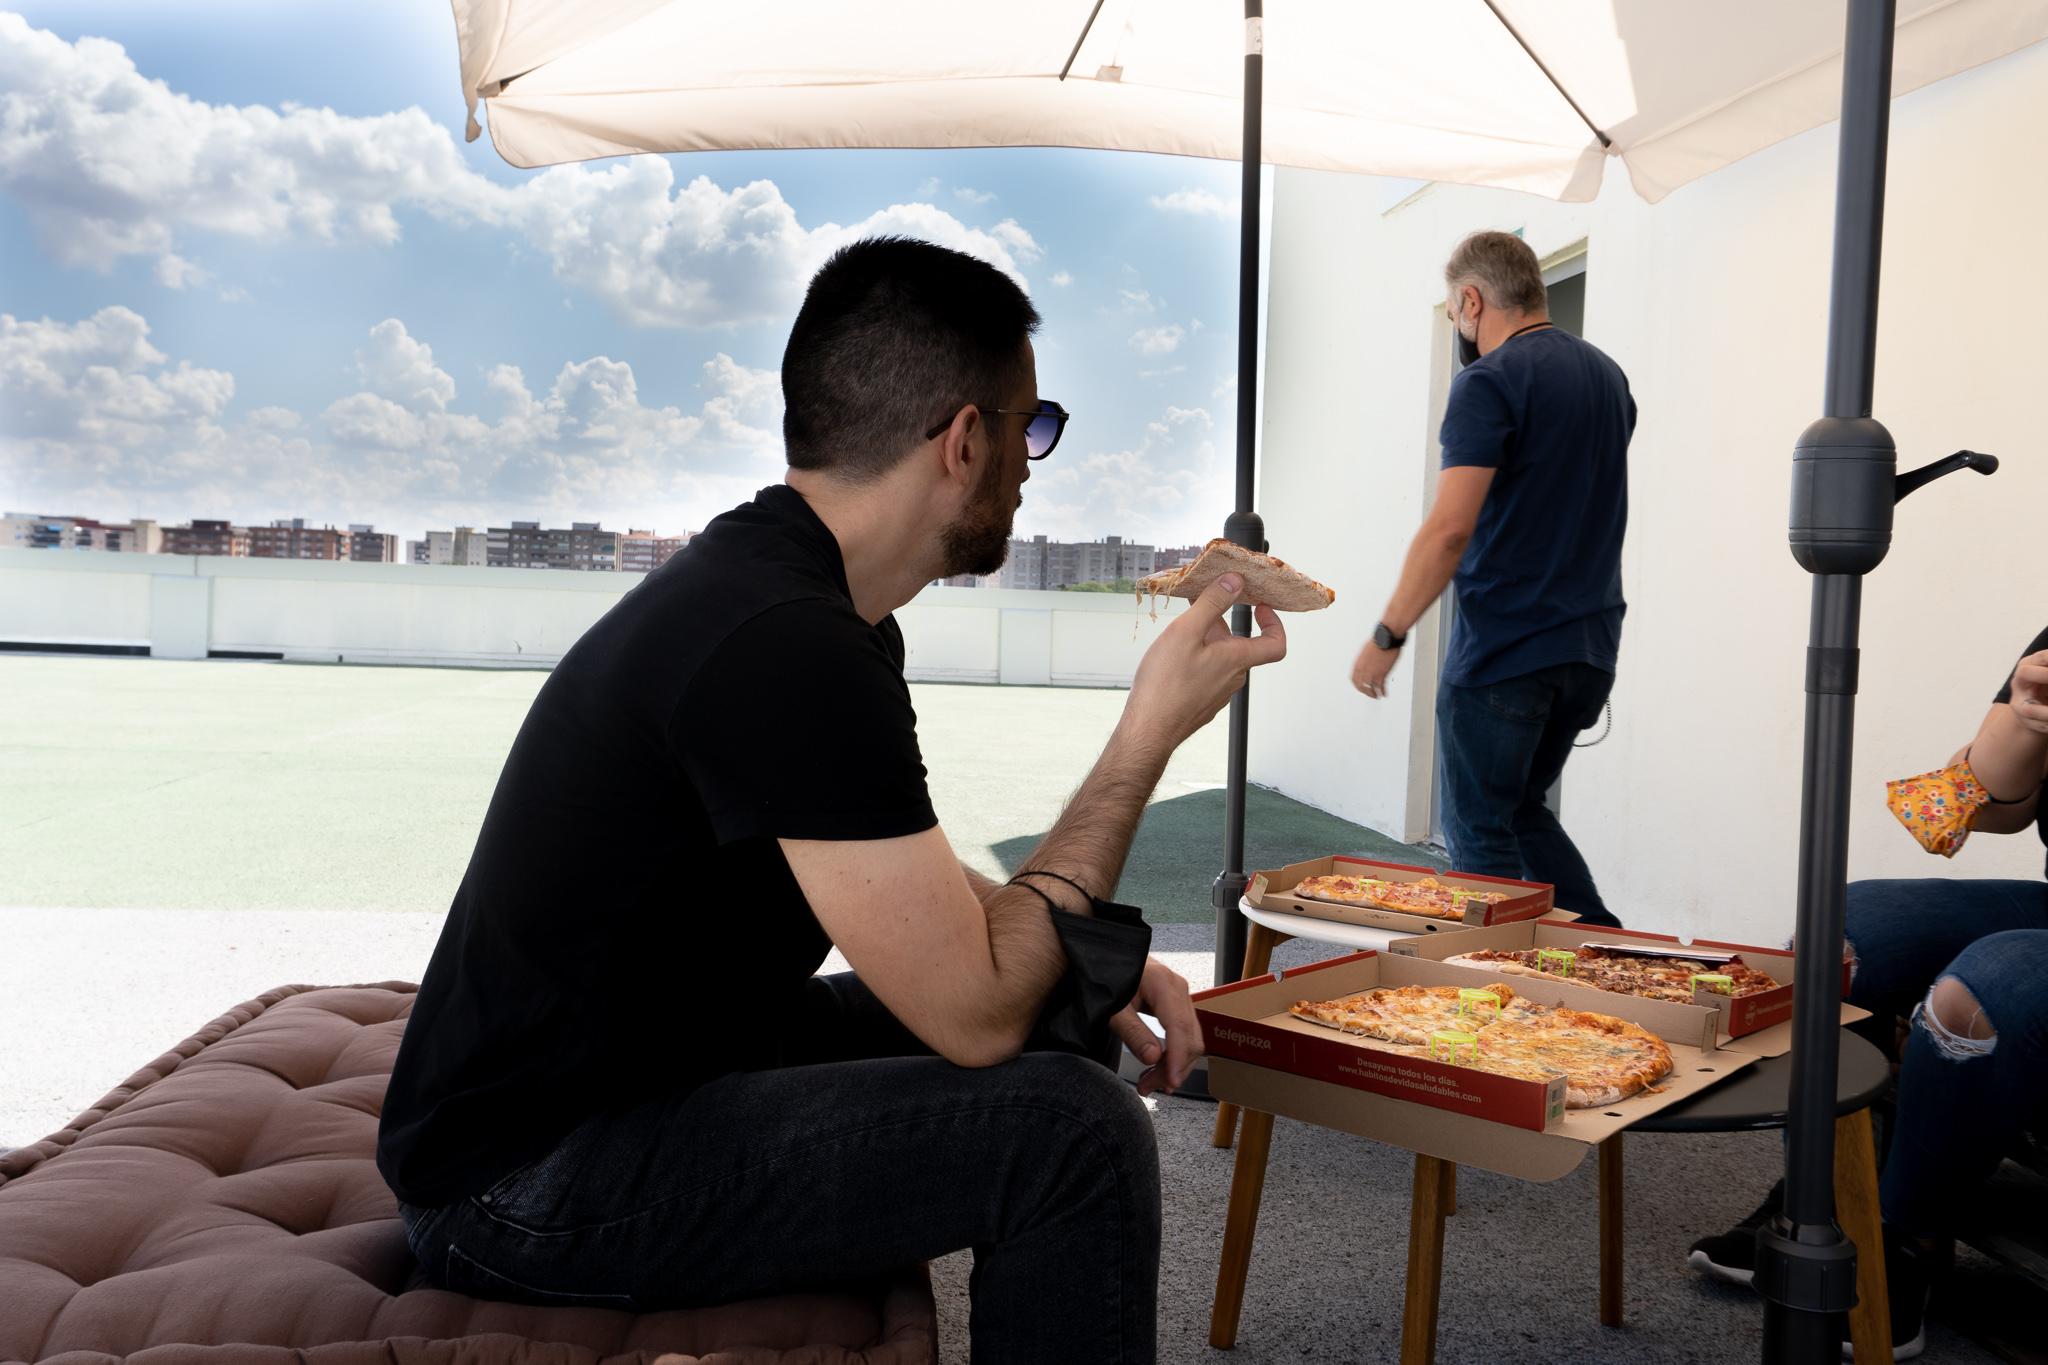 ¿Quieres pizza? Axazure